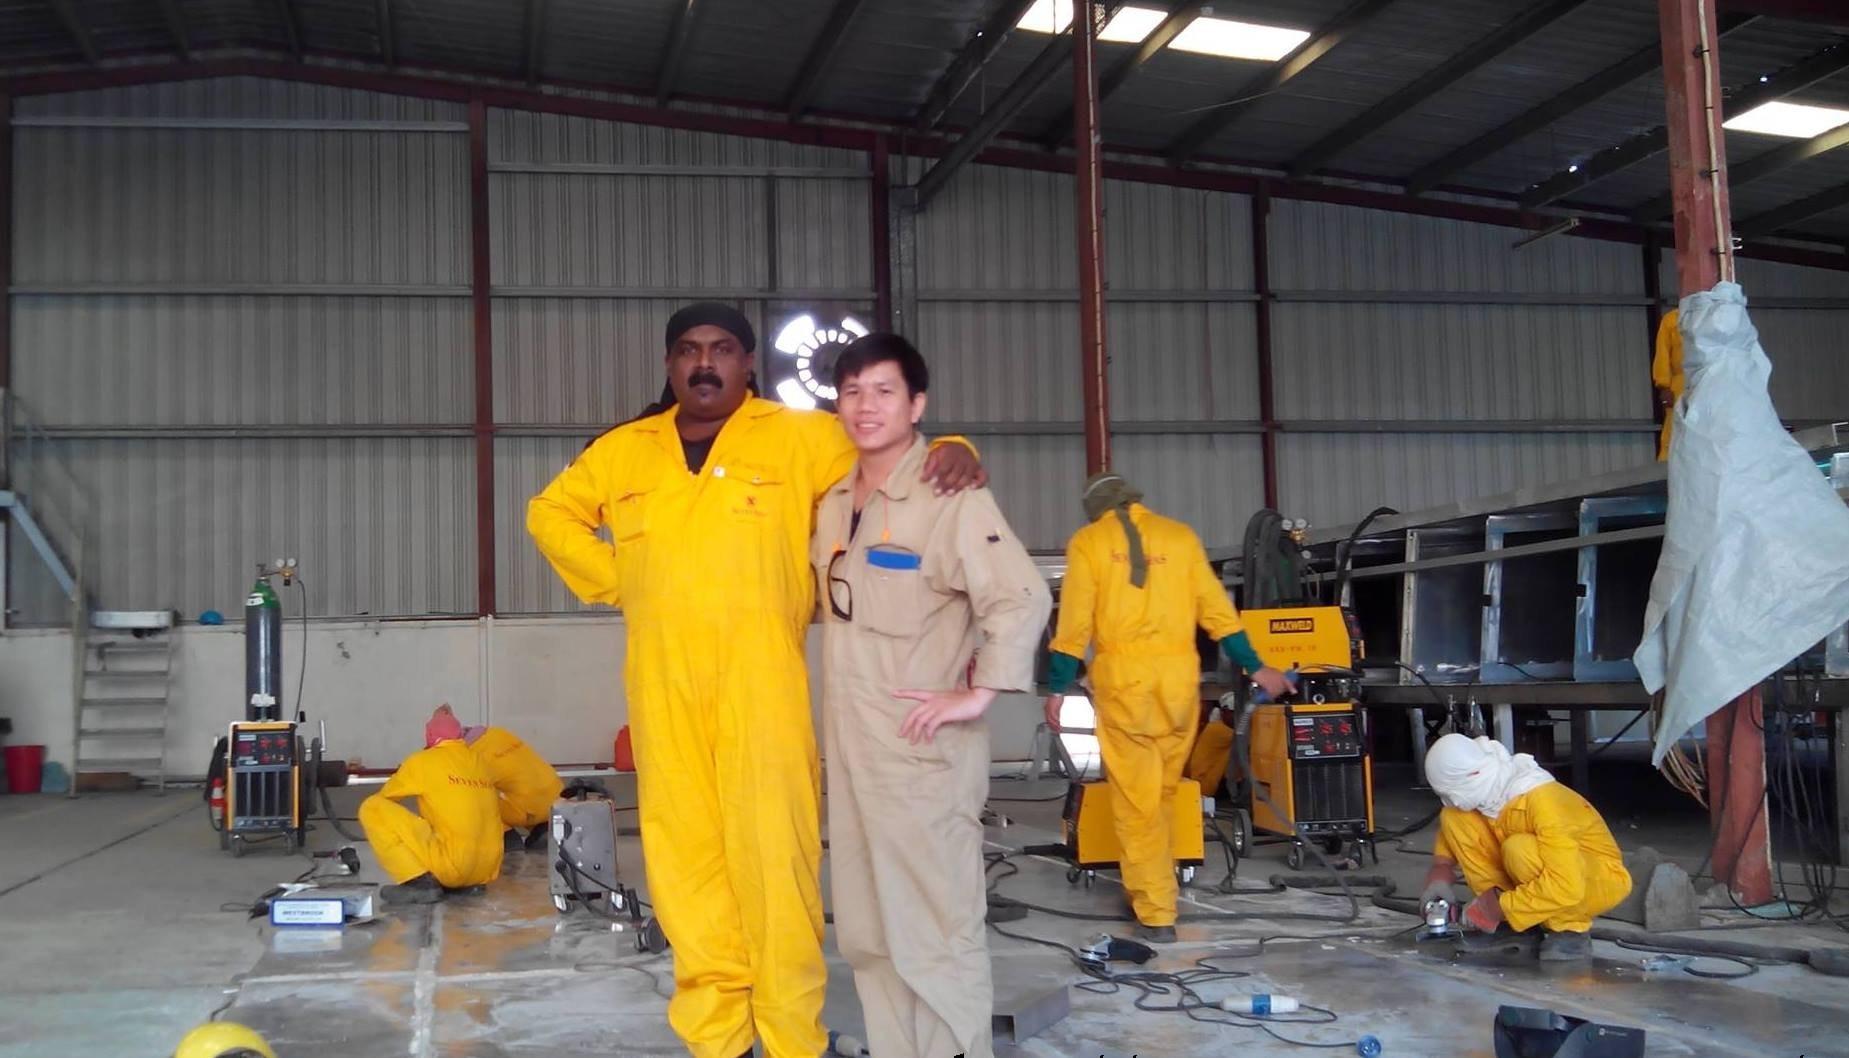 hình ảnh anh em lao động làm việc tại seven seaship dubai 4